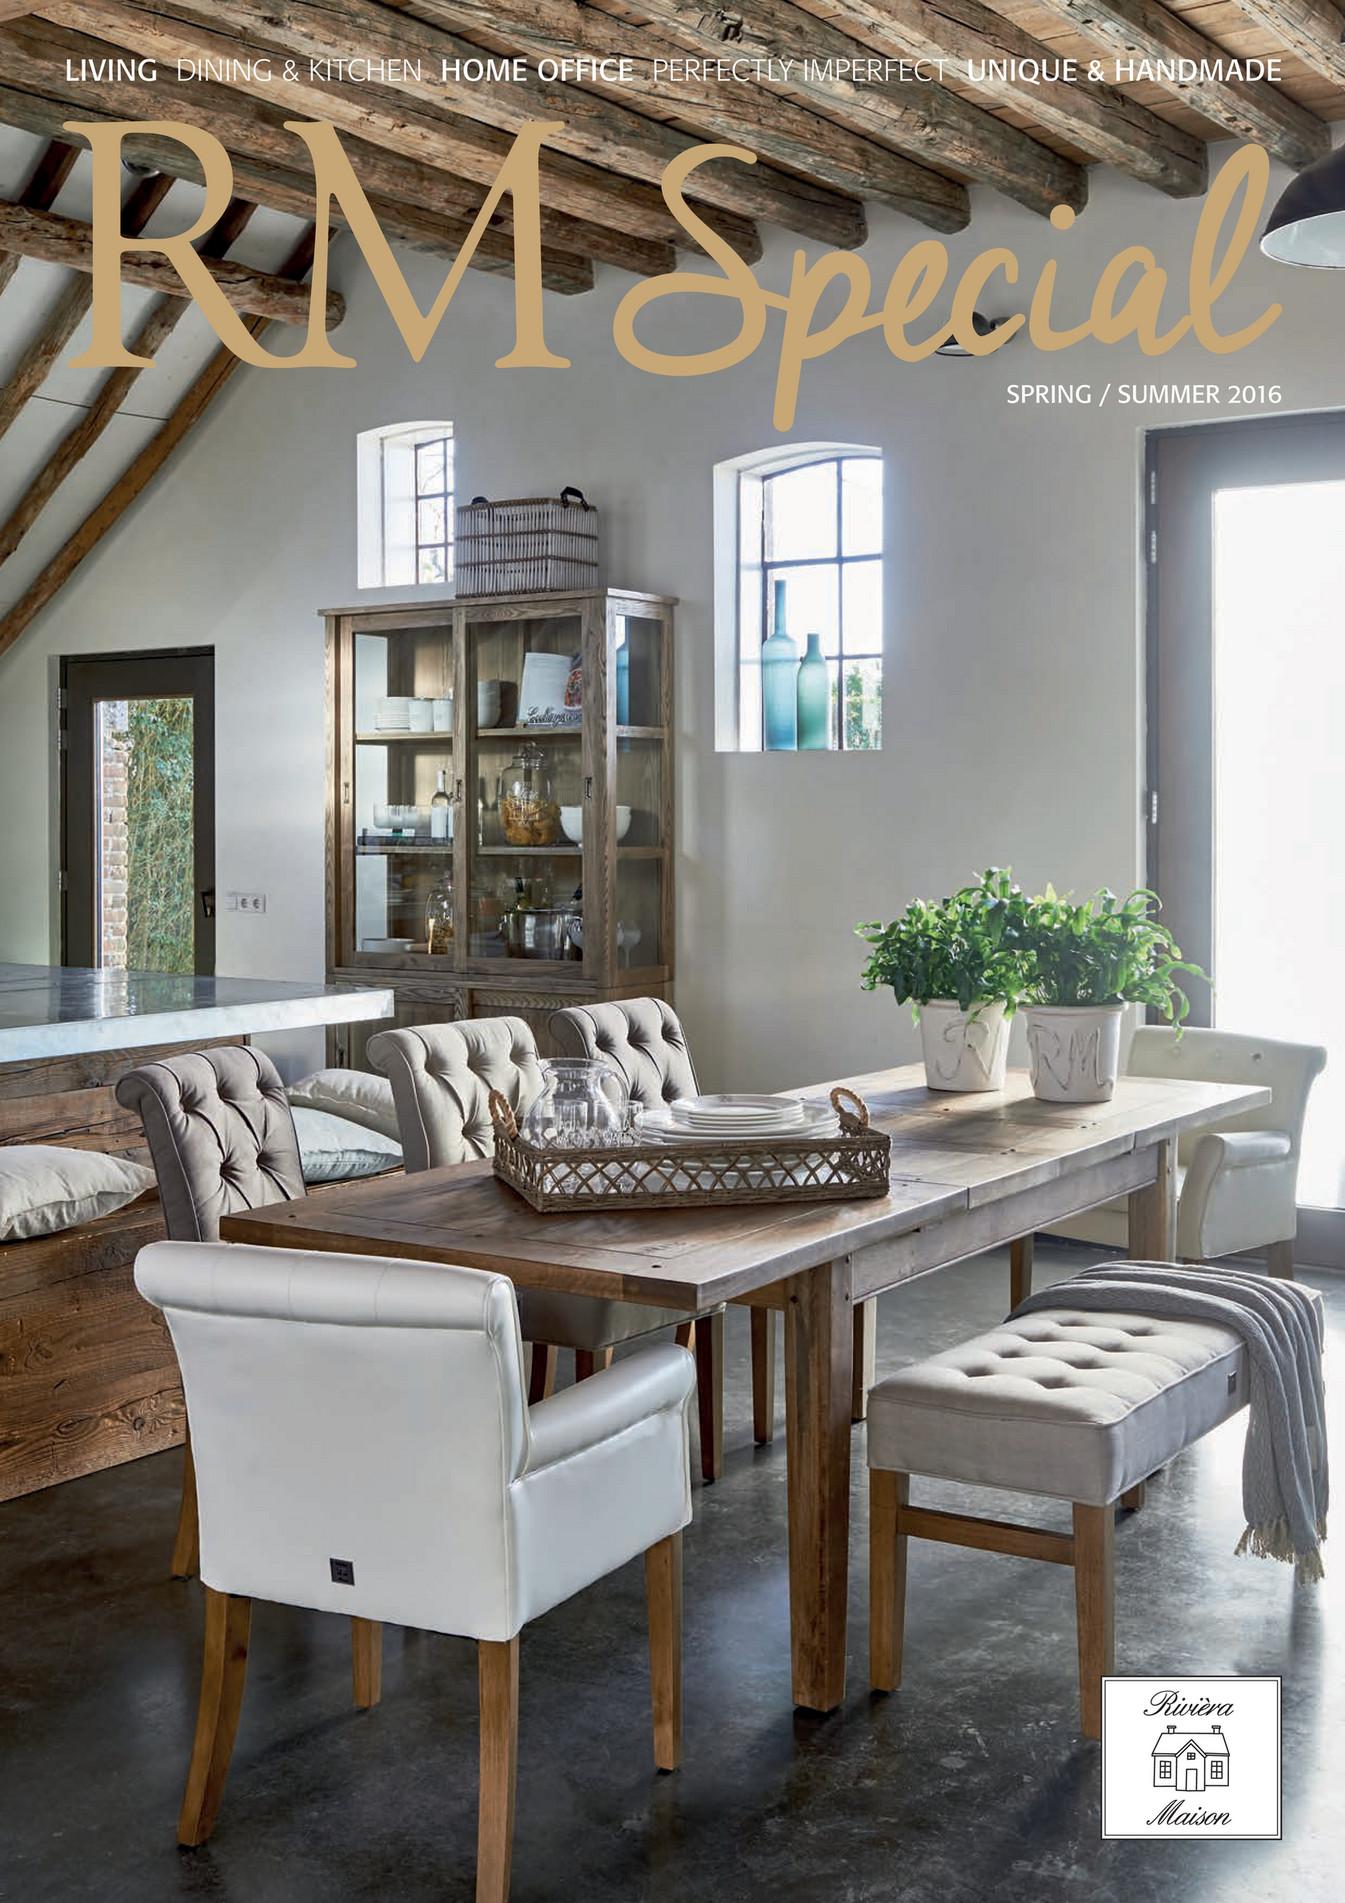 rivira maison de rm magazine springsummer 2016 special dui seite 18 19